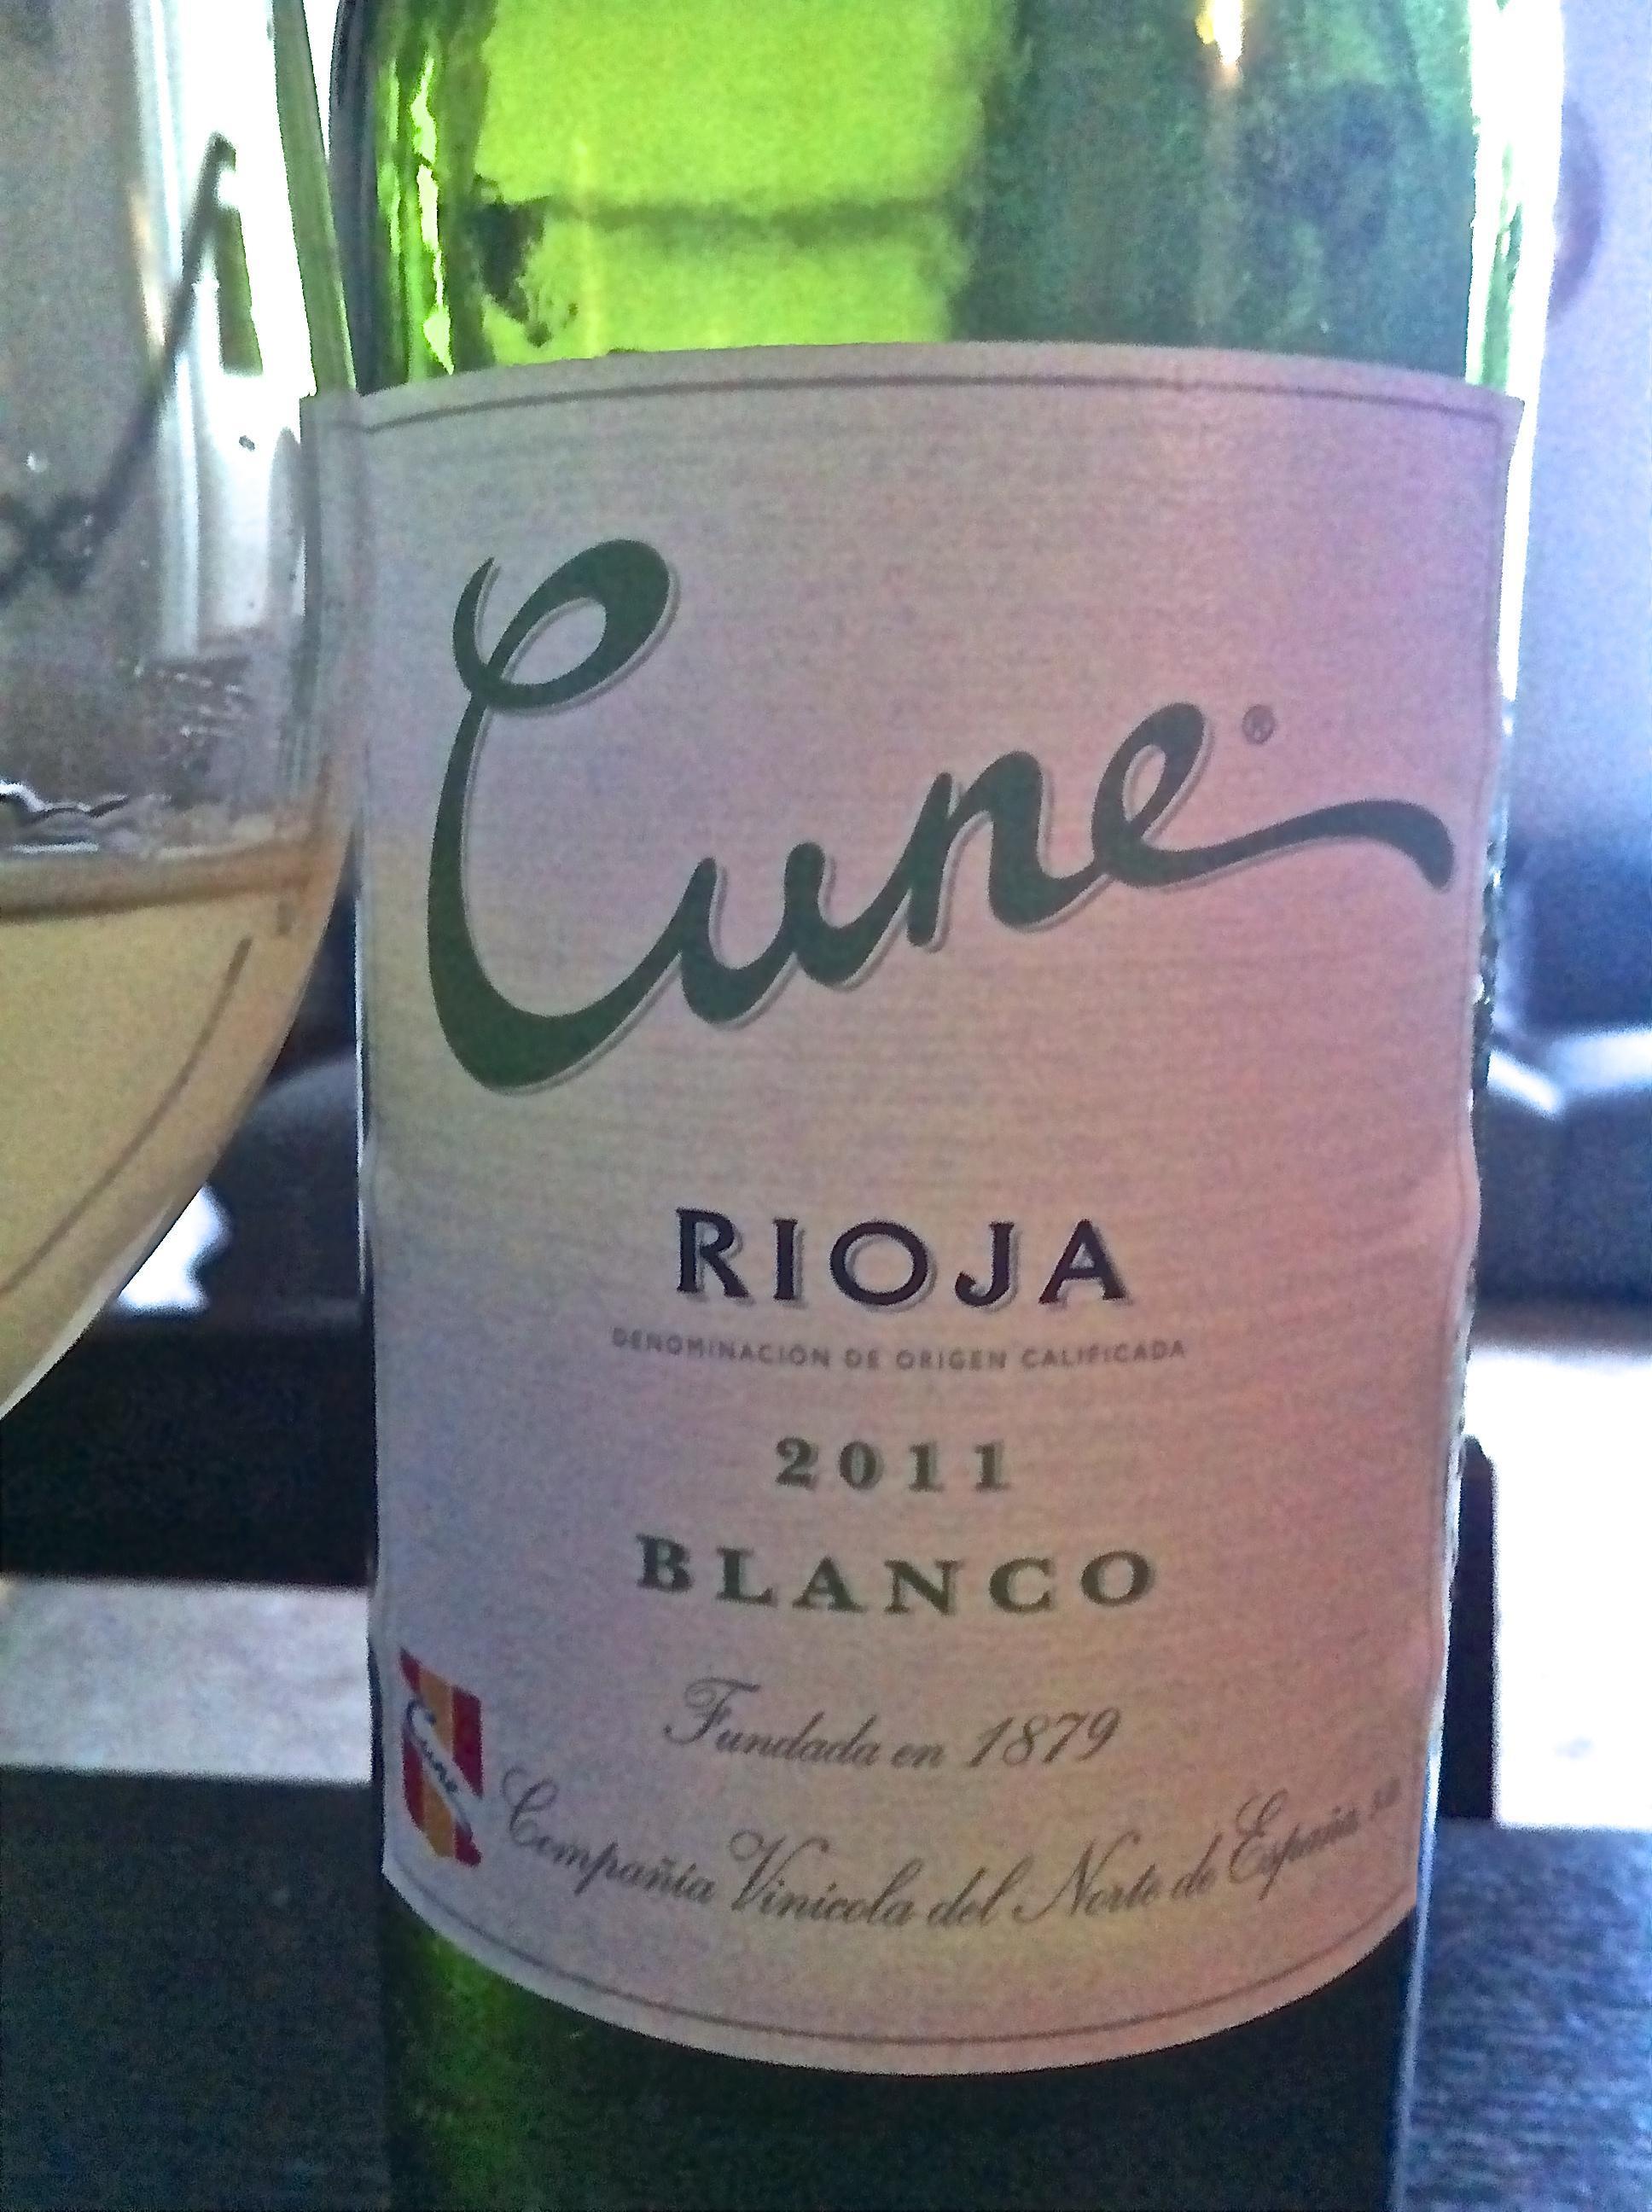 CVNE Rioja Blanco